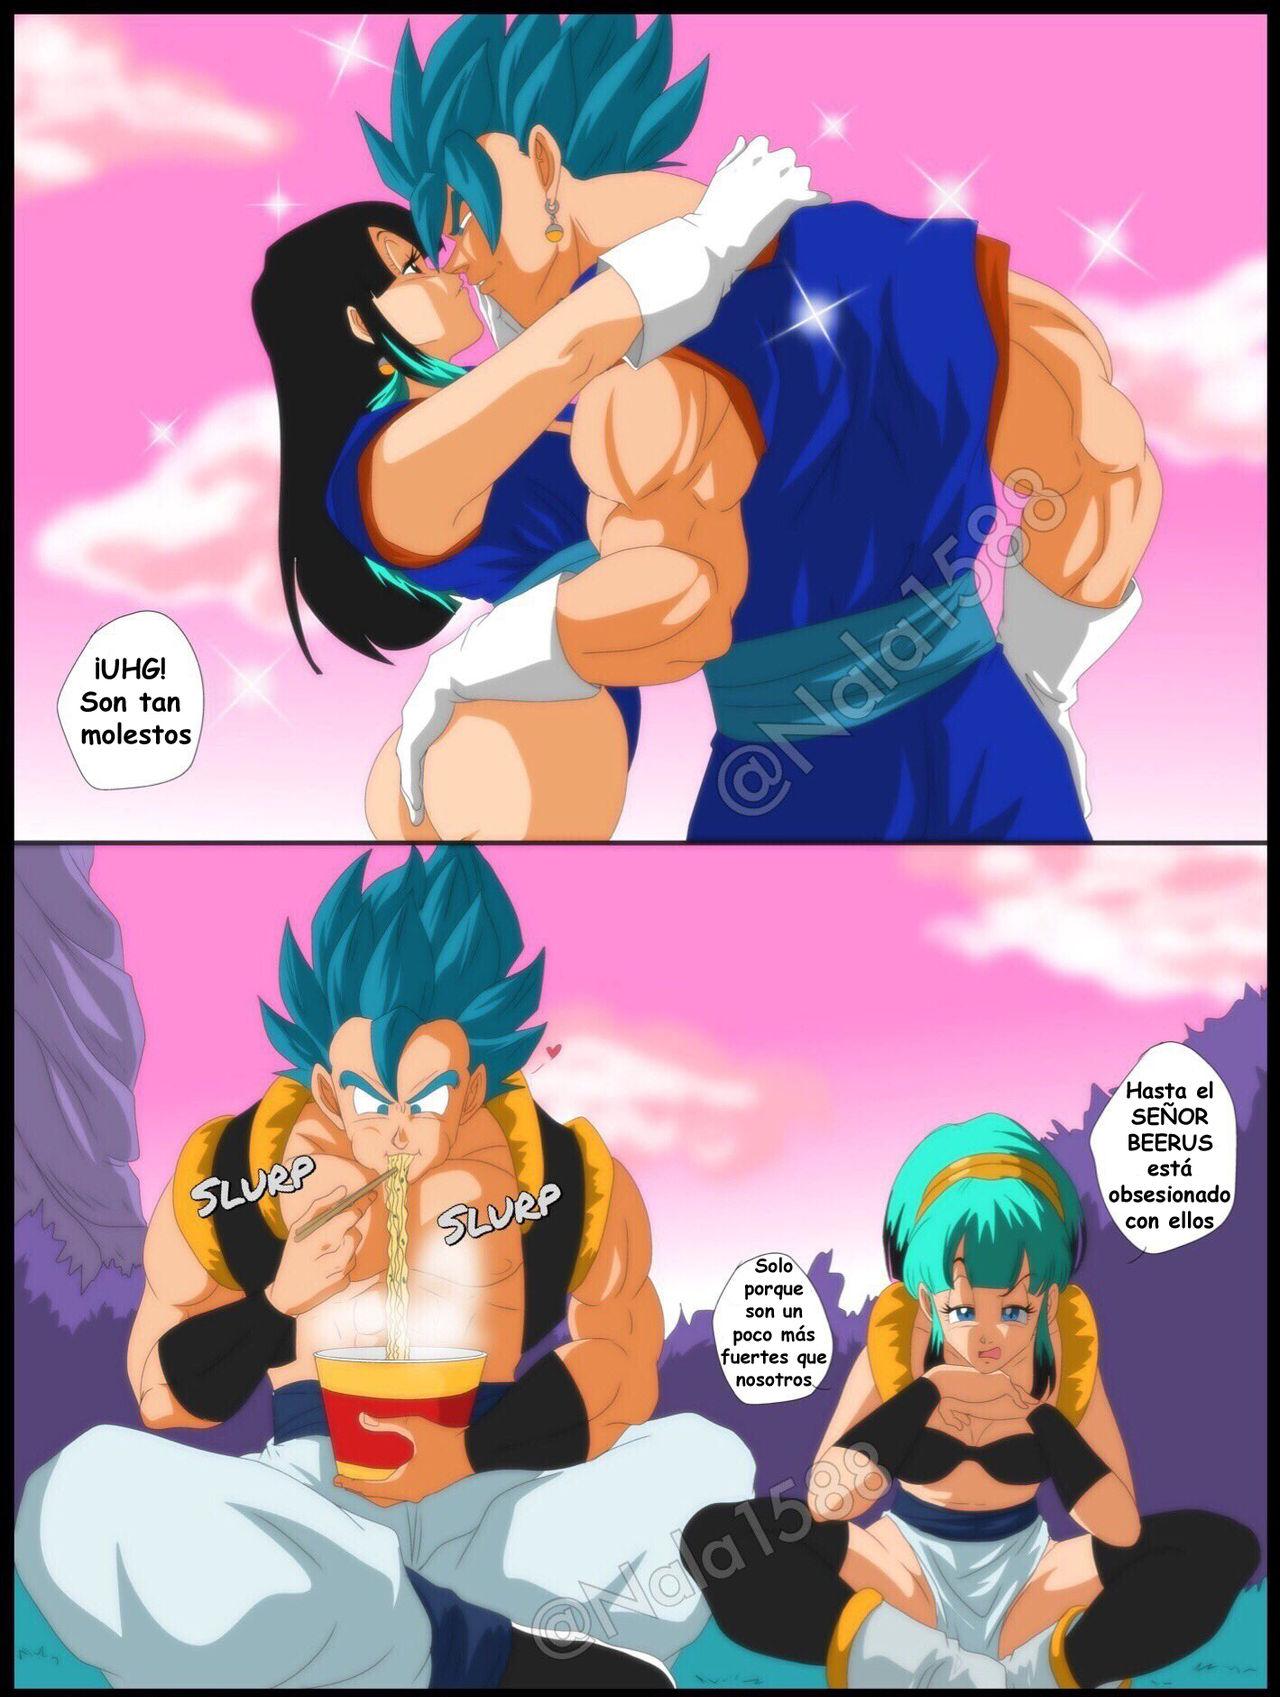 Nuevos comics porno dragonball Bang Bang Bulchi X Gogeta Dragon Ball Super Comics Porno